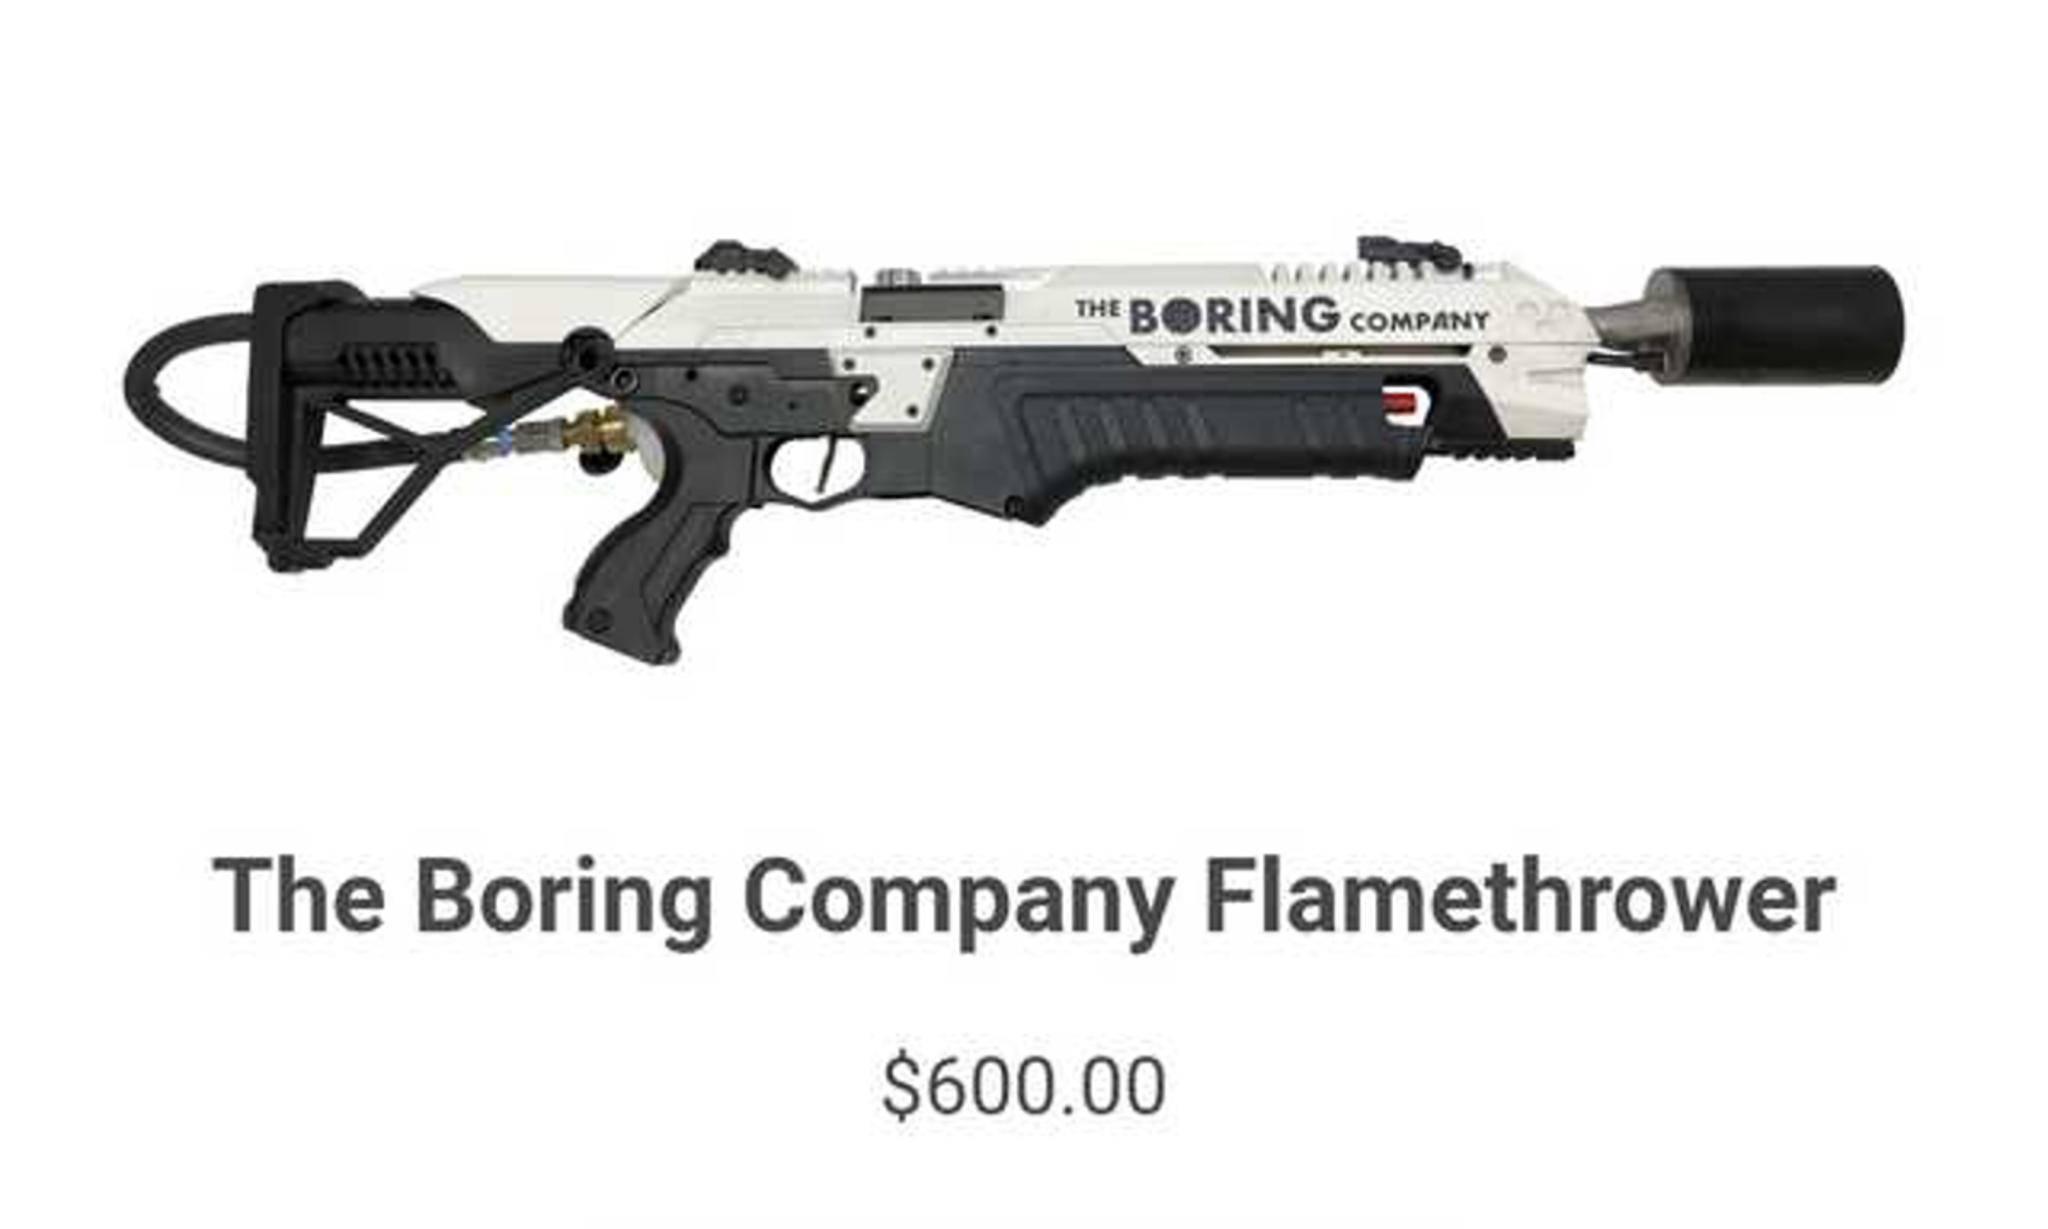 Ein Flammenwerfer für 600 Dollar? Eigentlich ein Schnäppchen, oder?